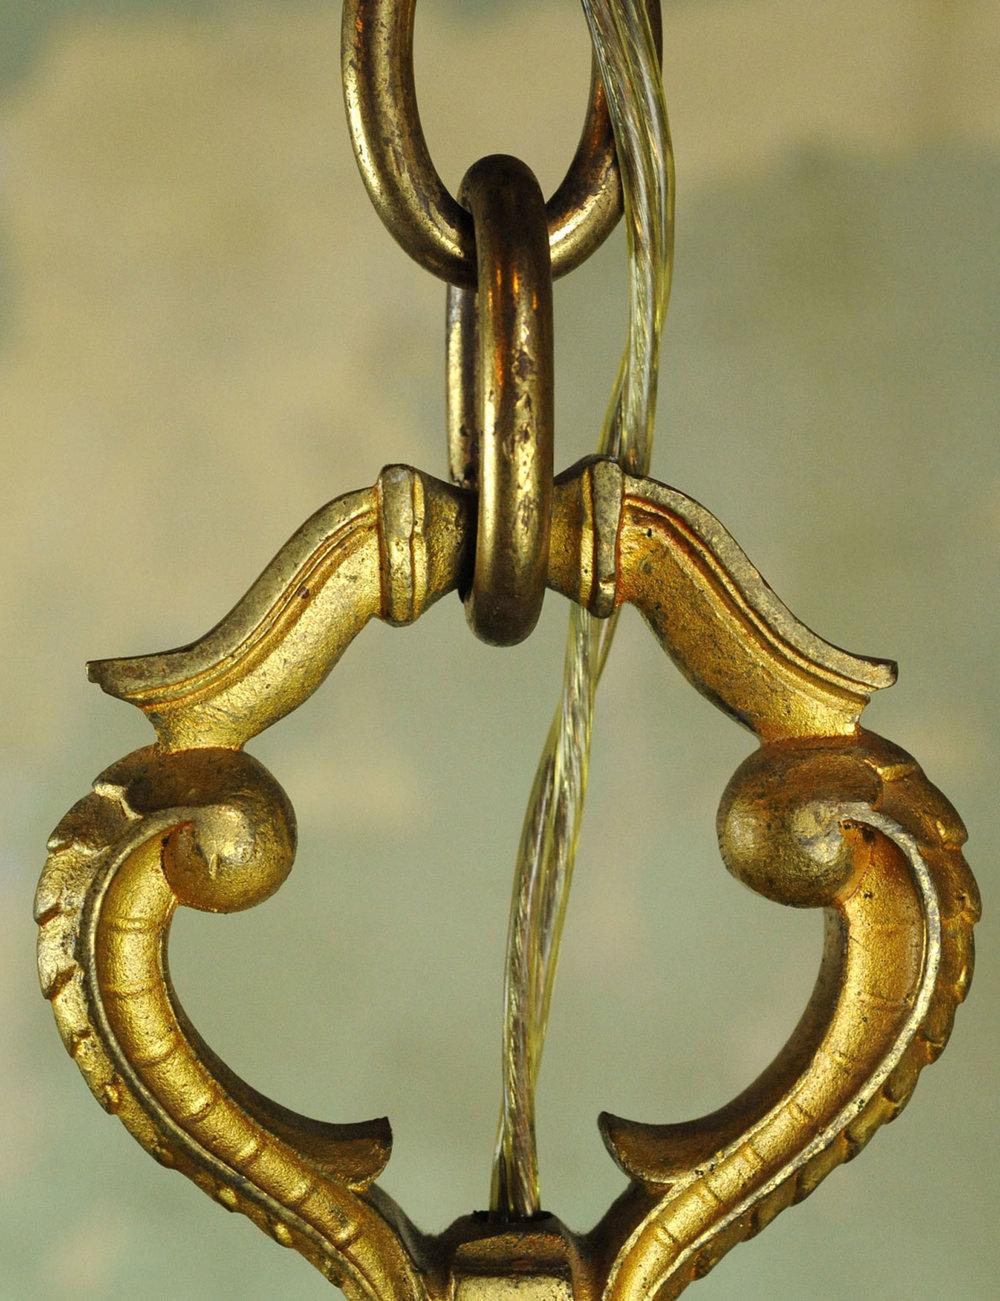 46926-brass-chandelier-chain-detail.jpg